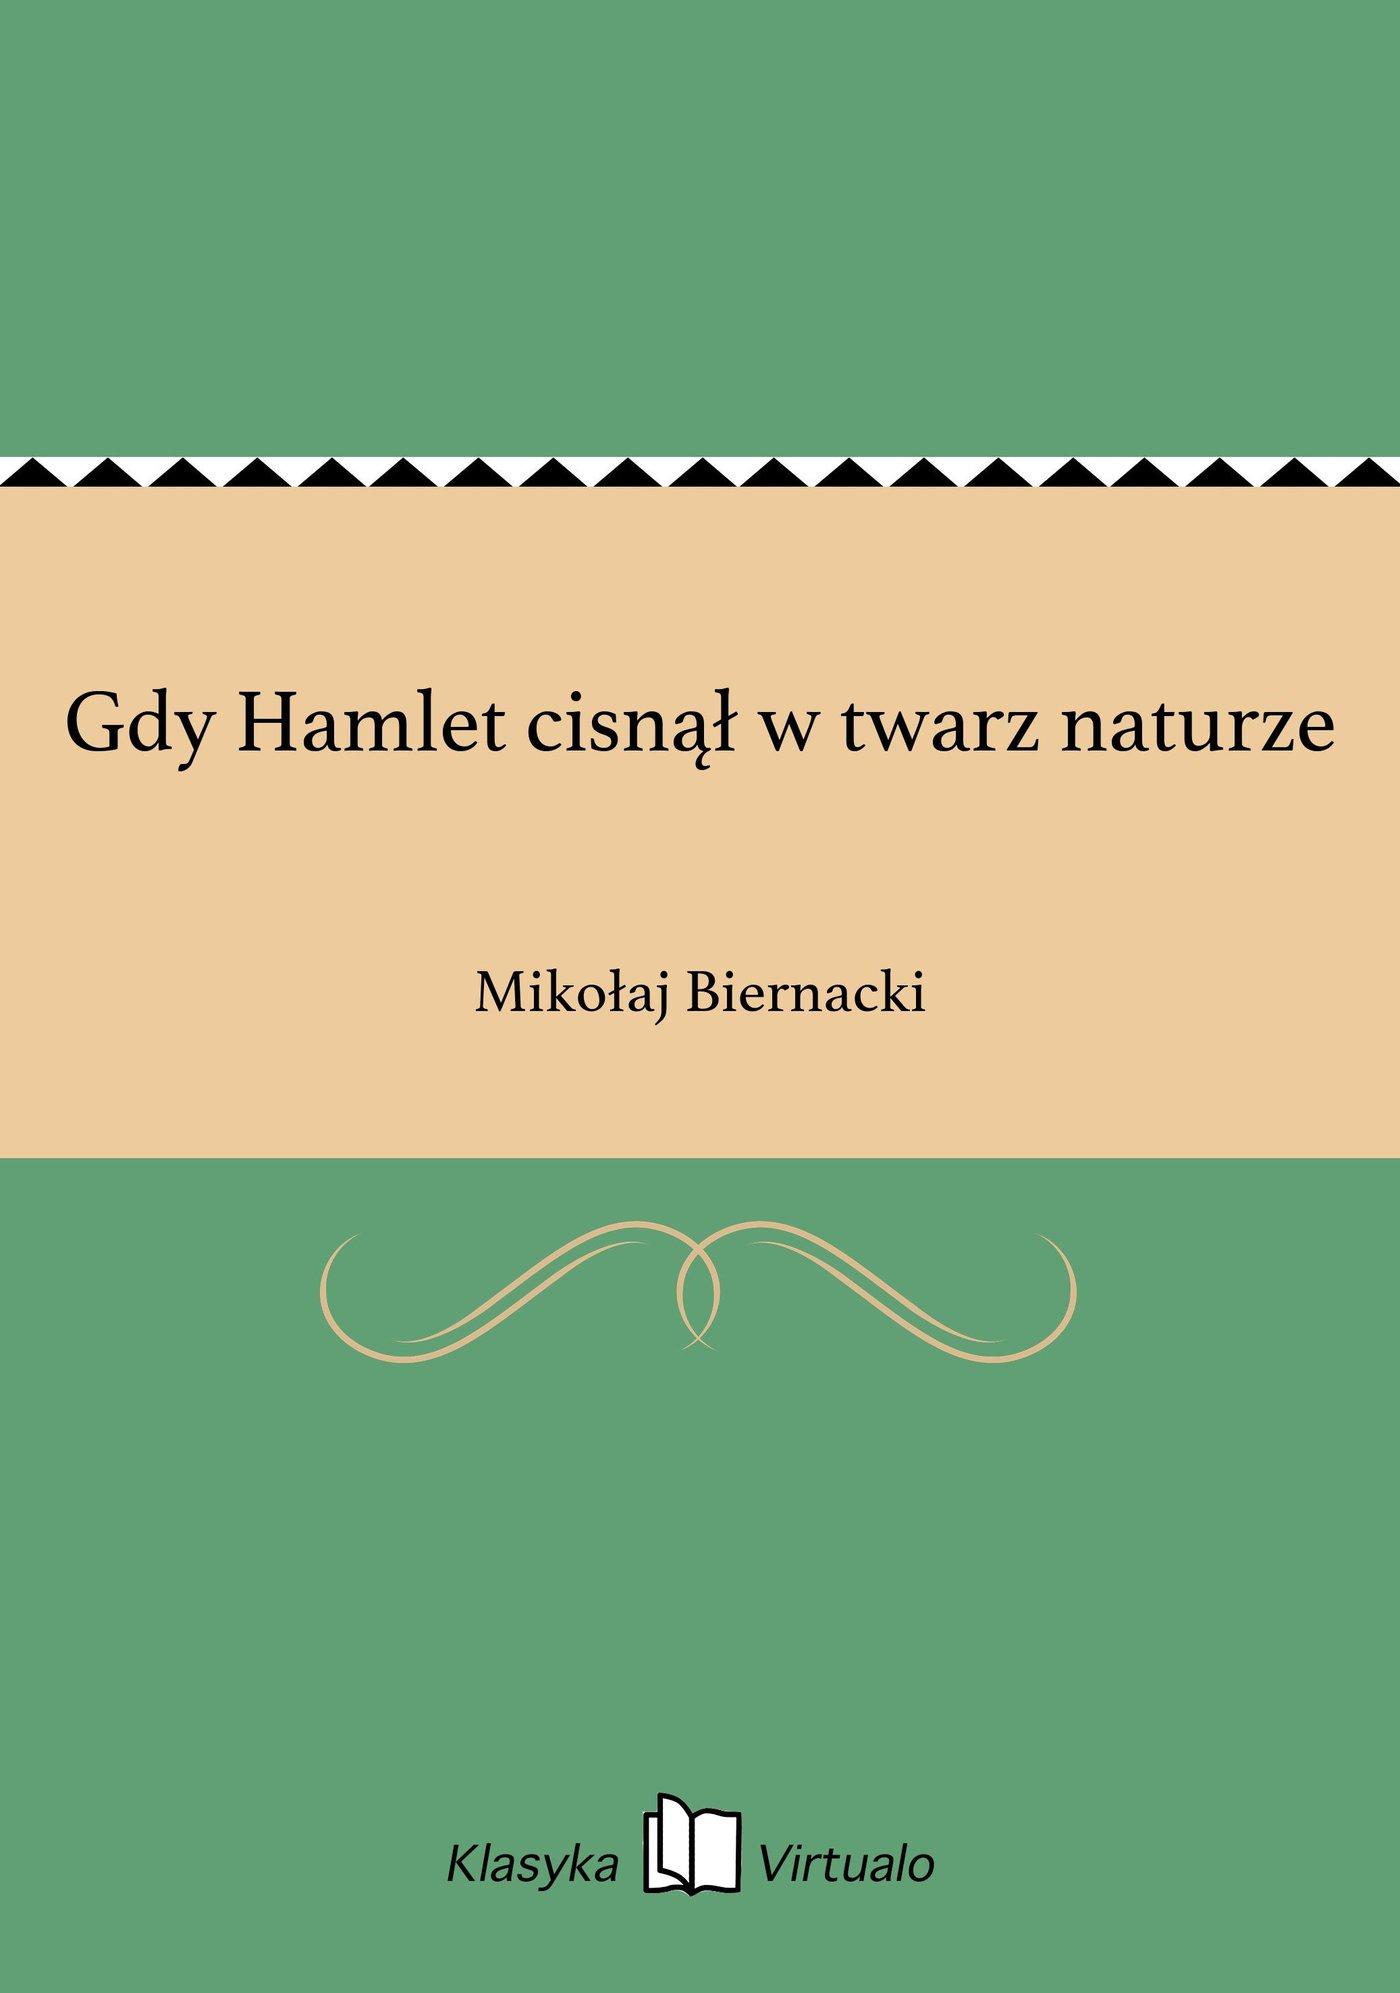 Gdy Hamlet cisnął w twarz naturze - Ebook (Książka EPUB) do pobrania w formacie EPUB